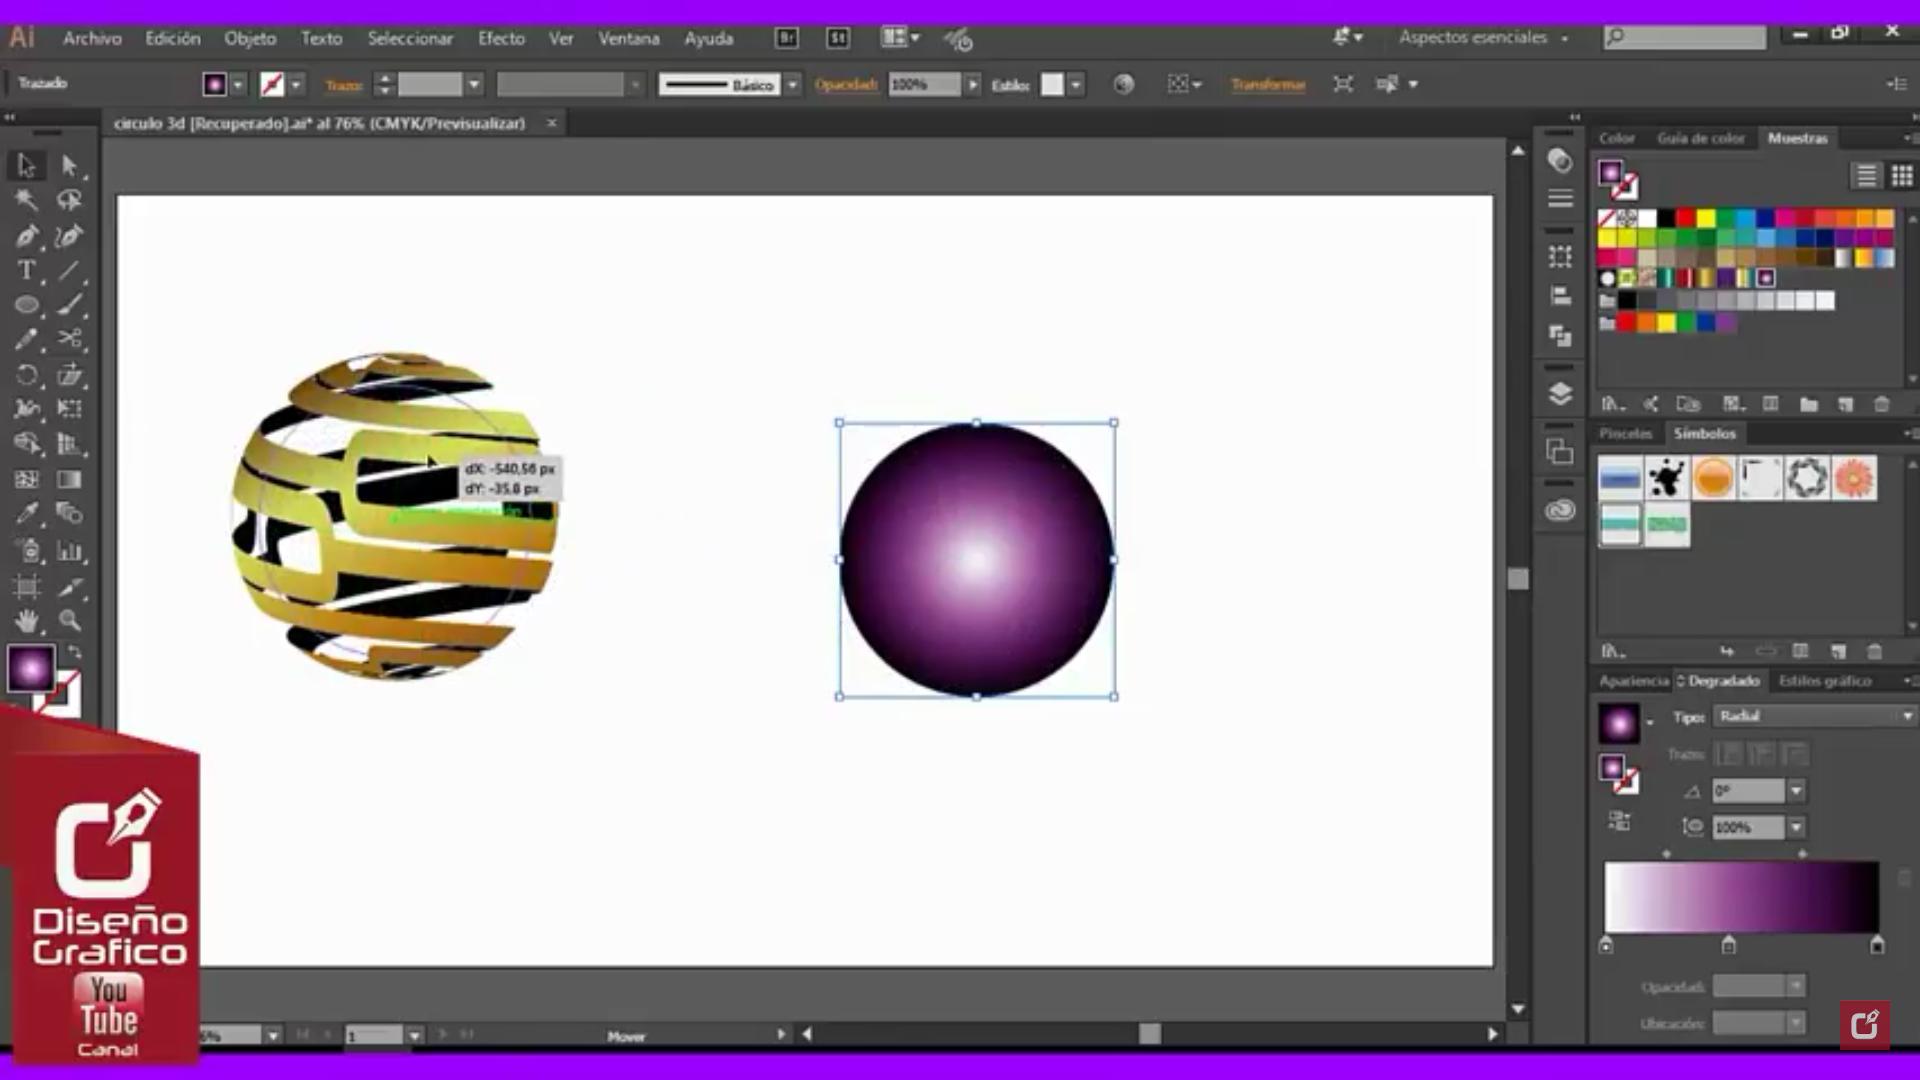 Nuevo tutorial para hacer un logo 3D Adobe Illustrator.